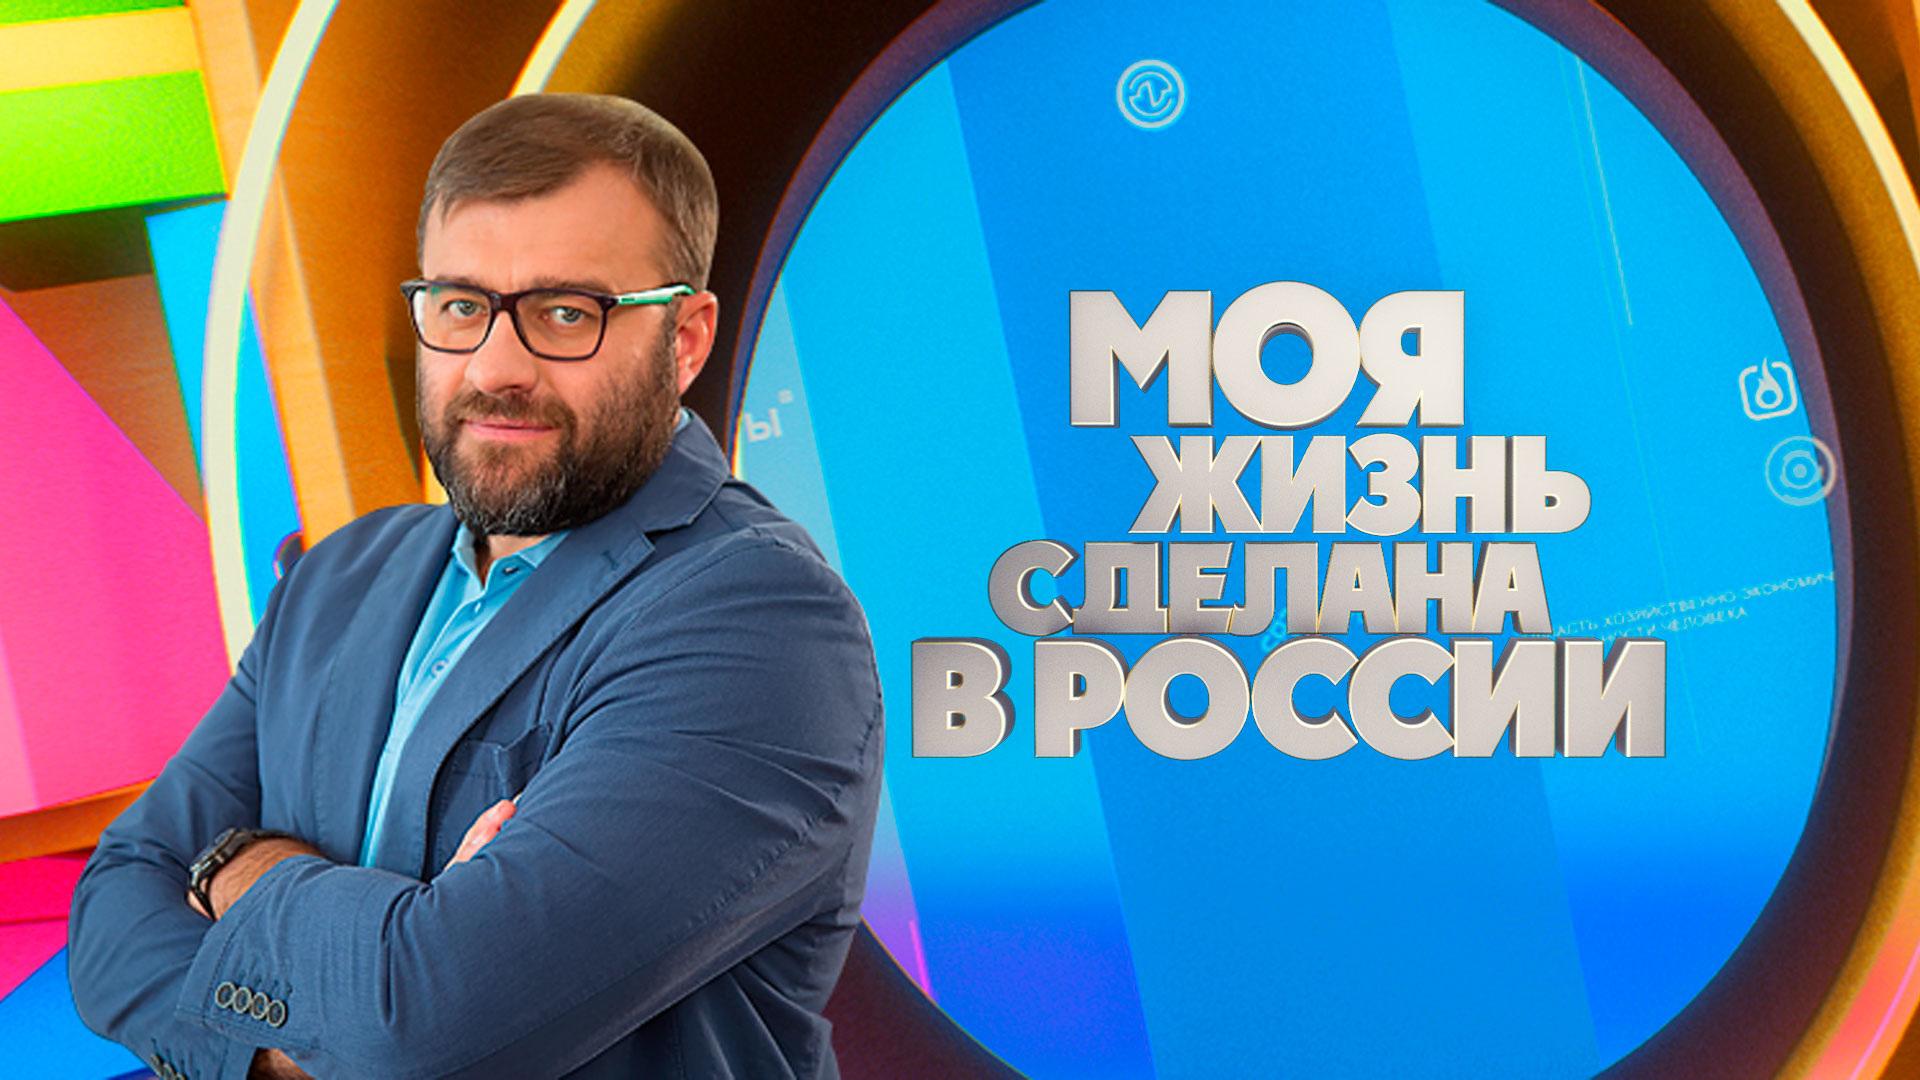 Моя жизнь сделана в России